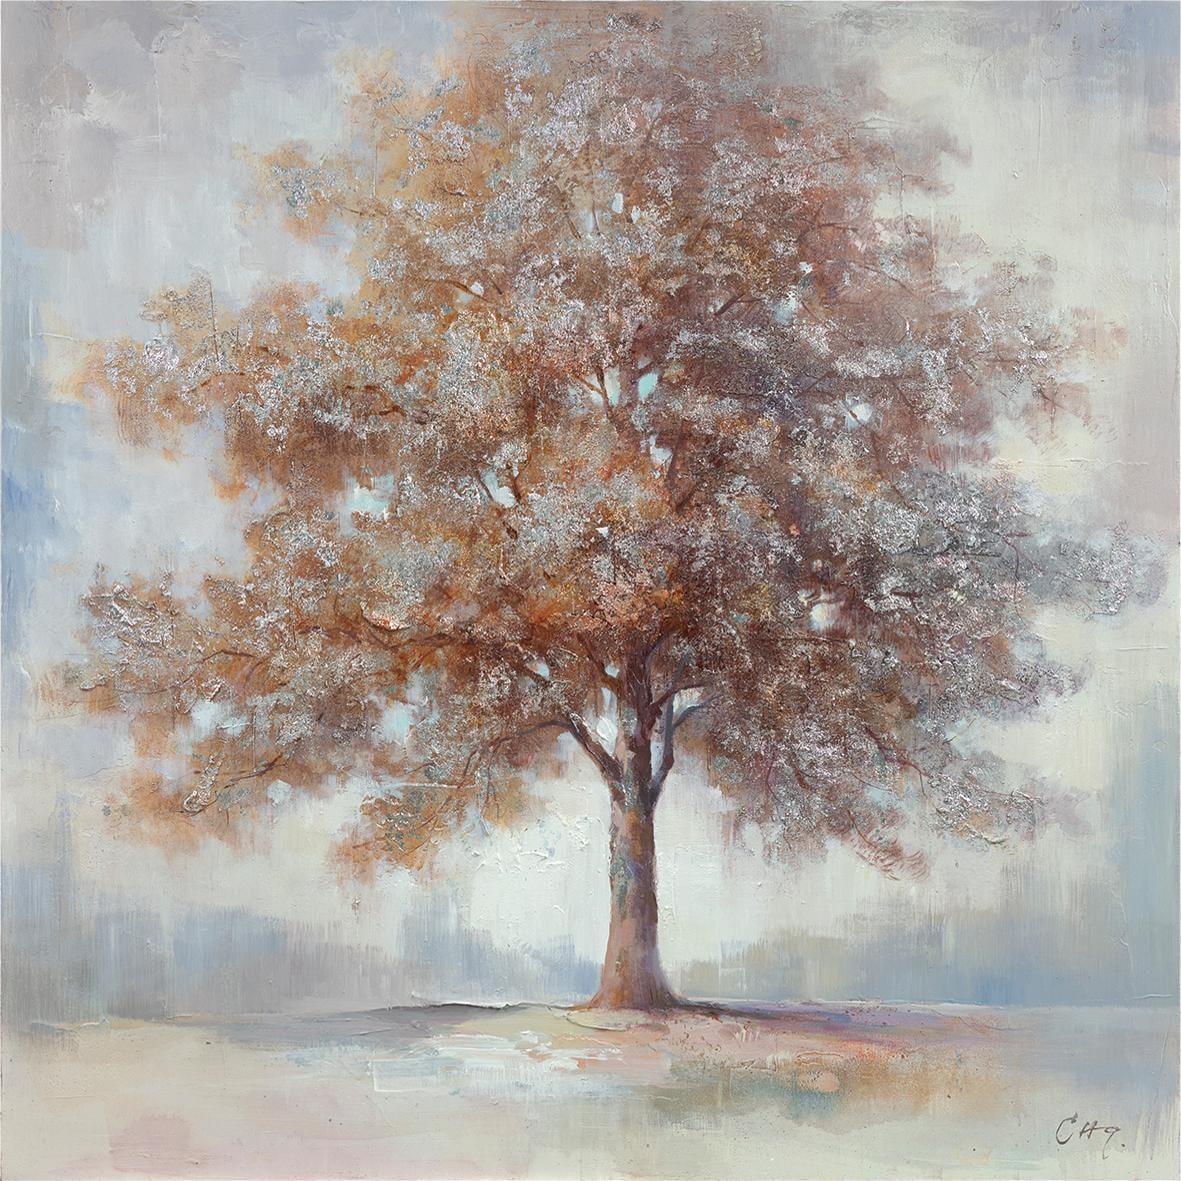 Premium collection by Home affaire Gemälde Tree II Wohnen/Accessoires & Leuchten/Wohnaccessoires/Bilder & Bilderrahmen/Gemälde